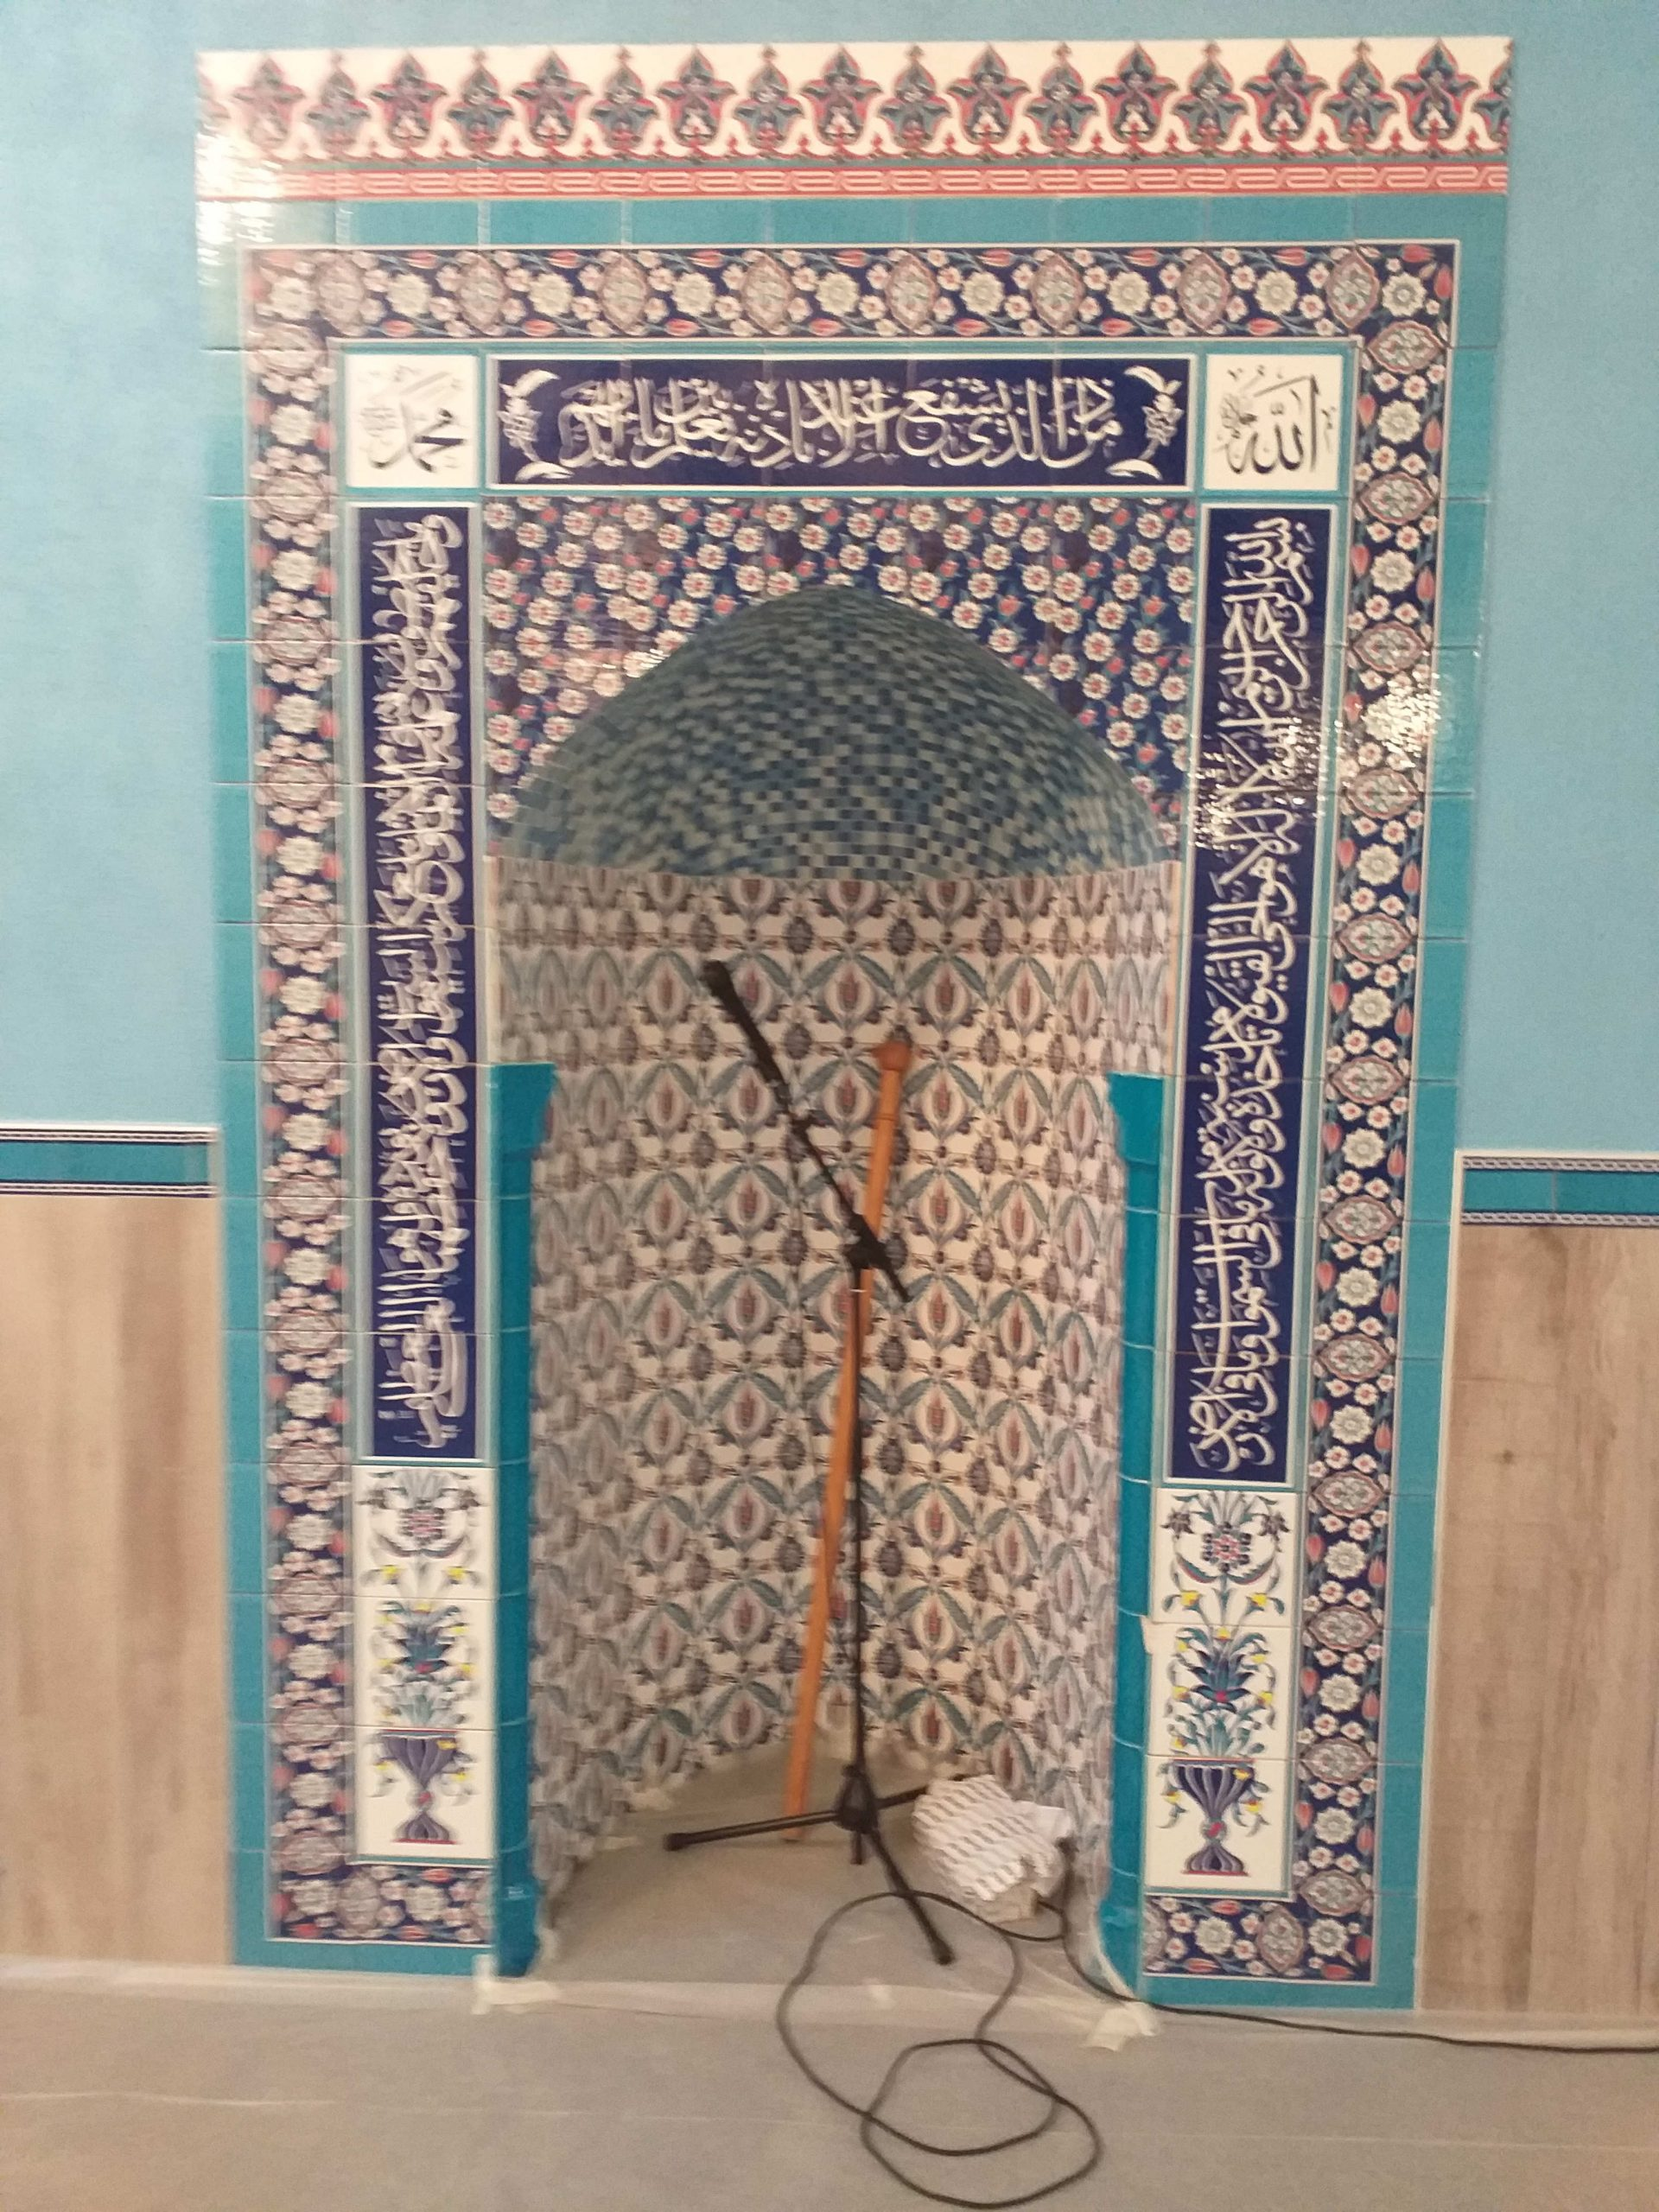 Les travaux de la mosquée